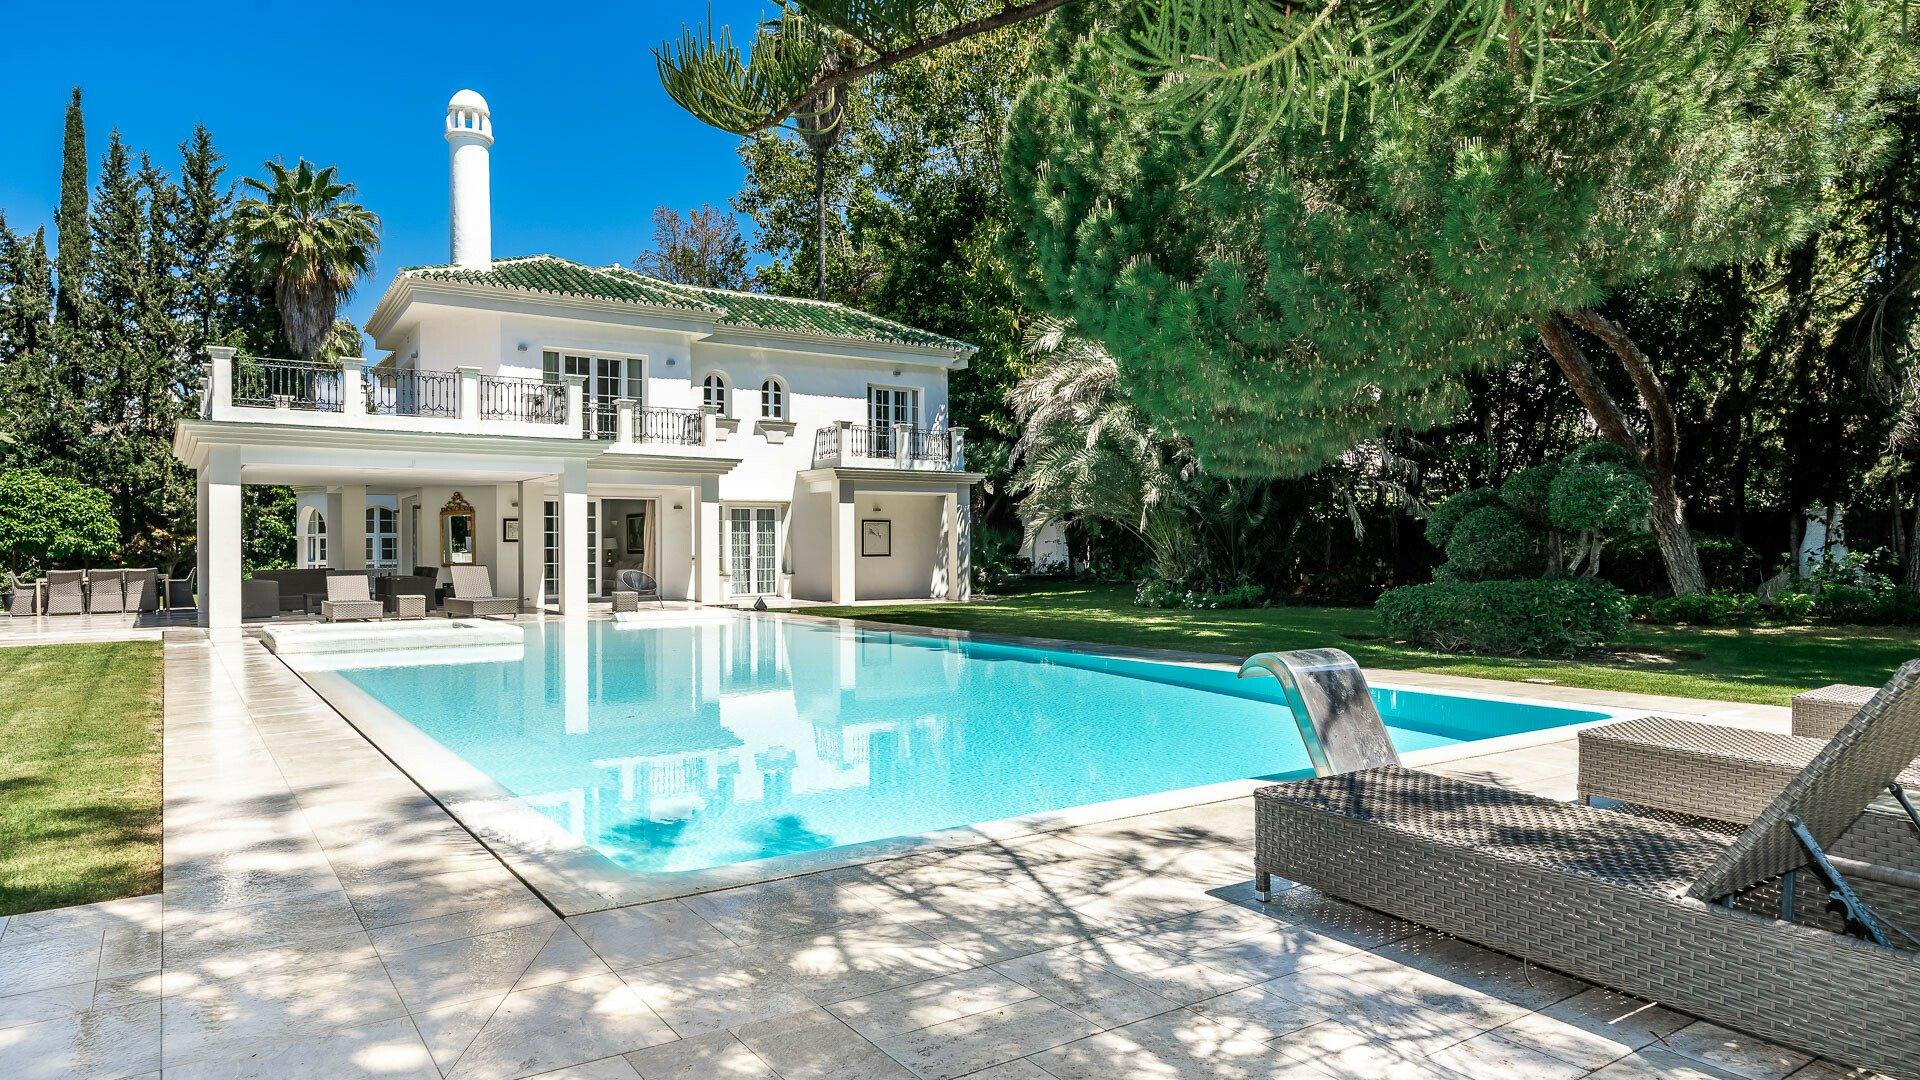 Villa in Marbella, Andalusia, Spain 1 - 10608182